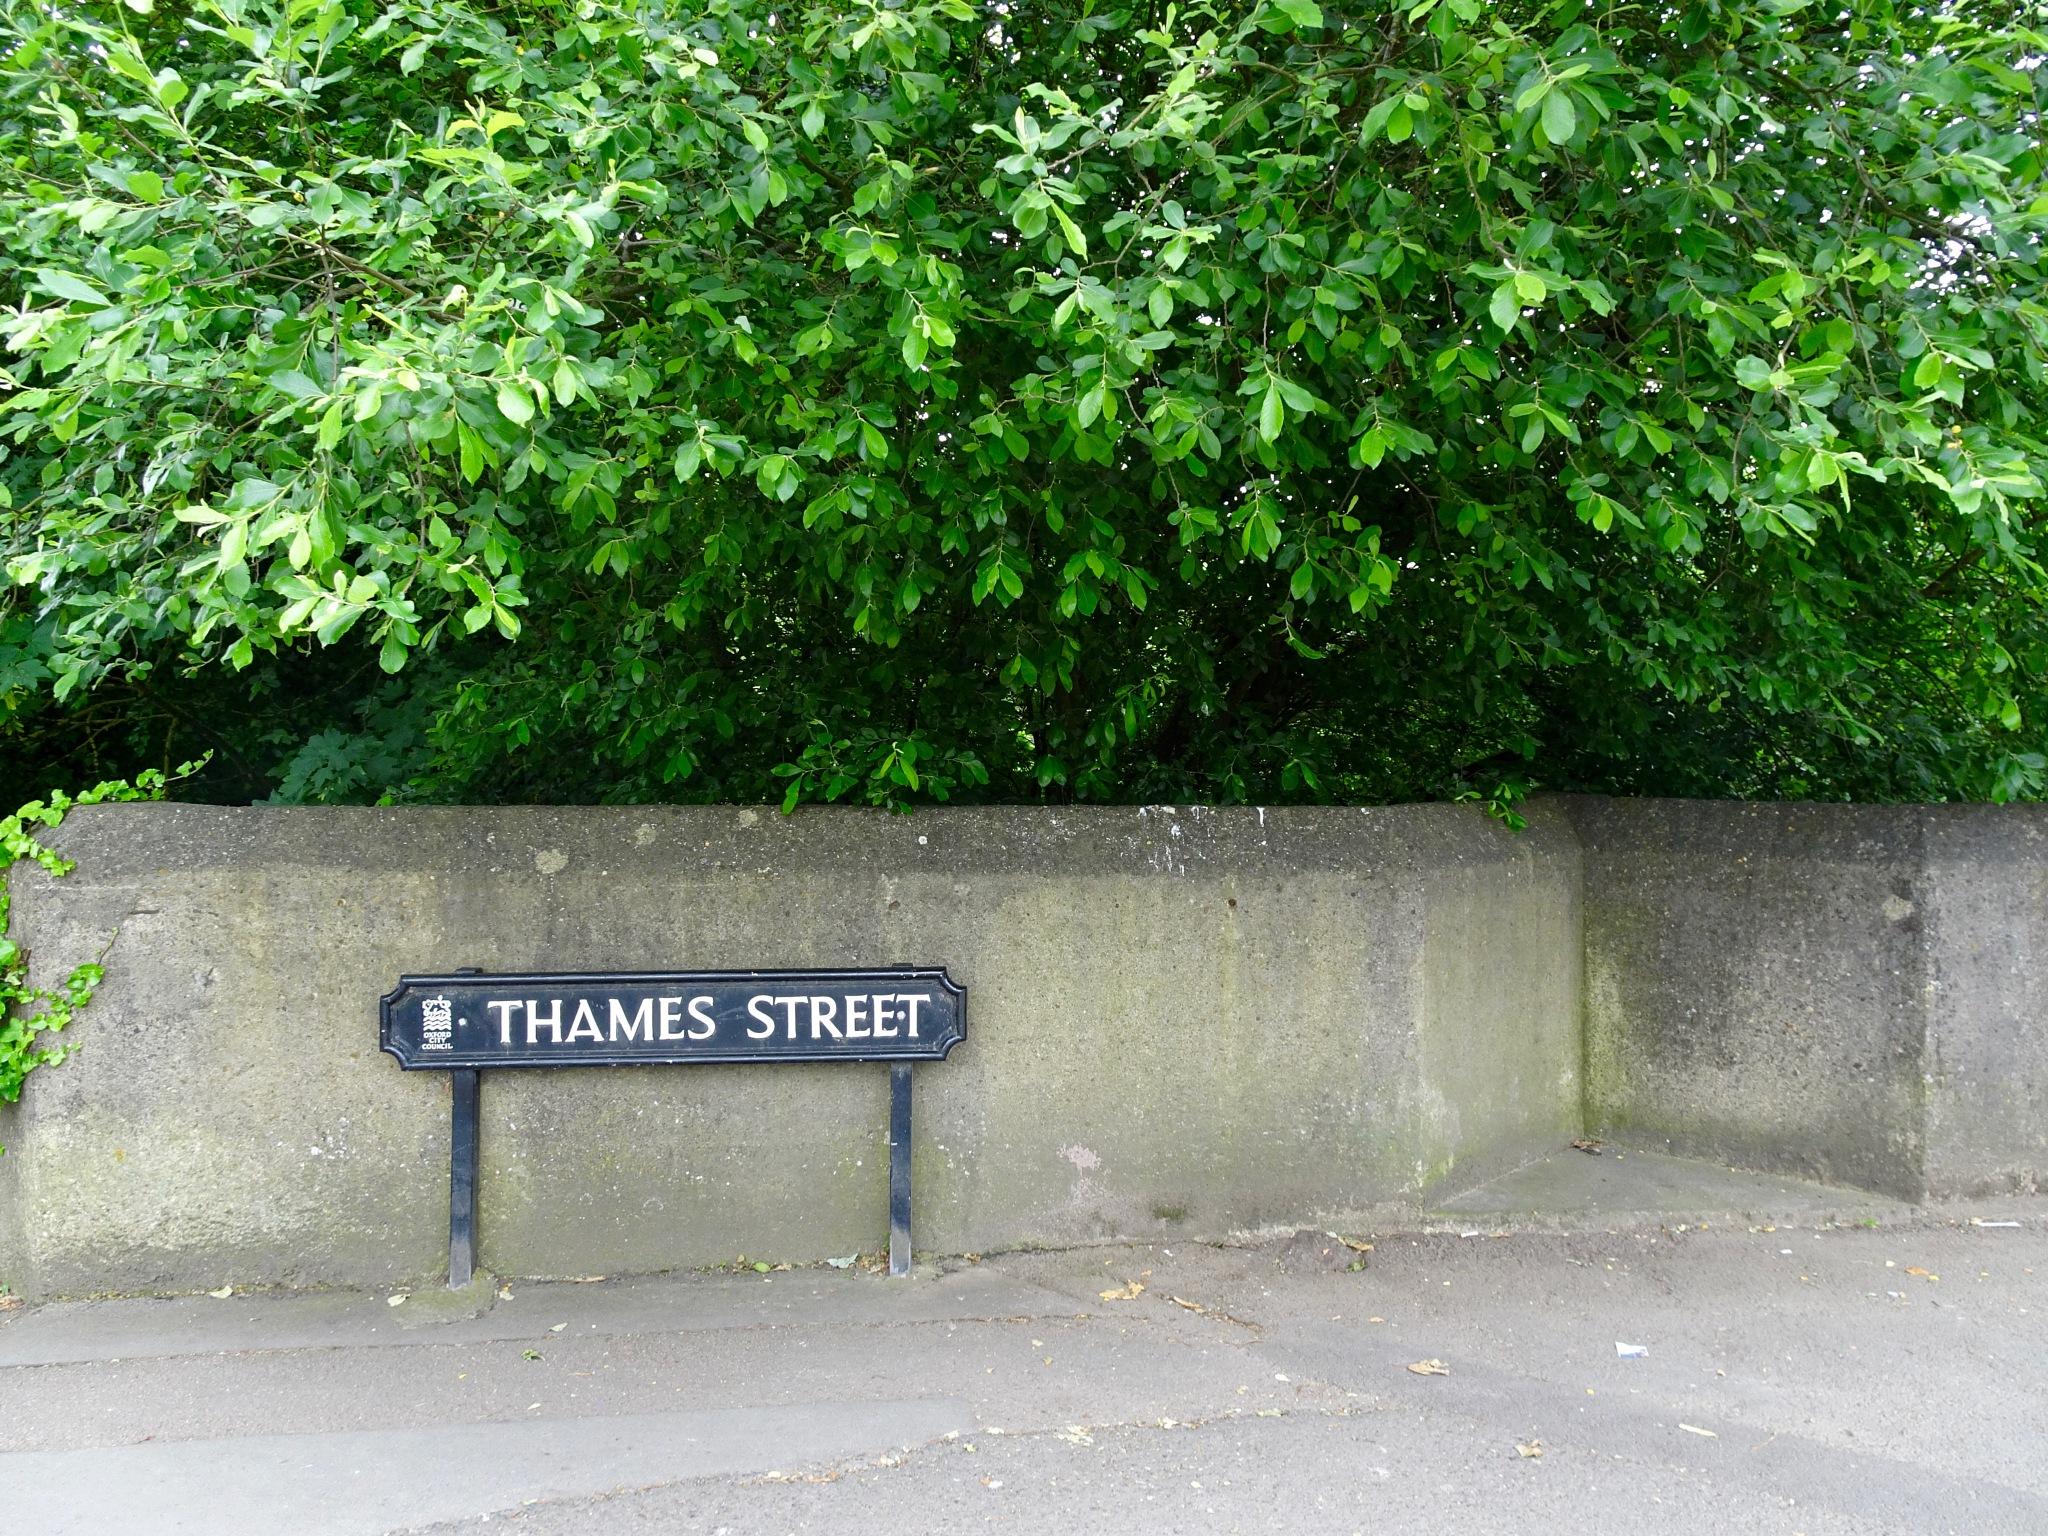 Thames St, Oxford, UK by j_un